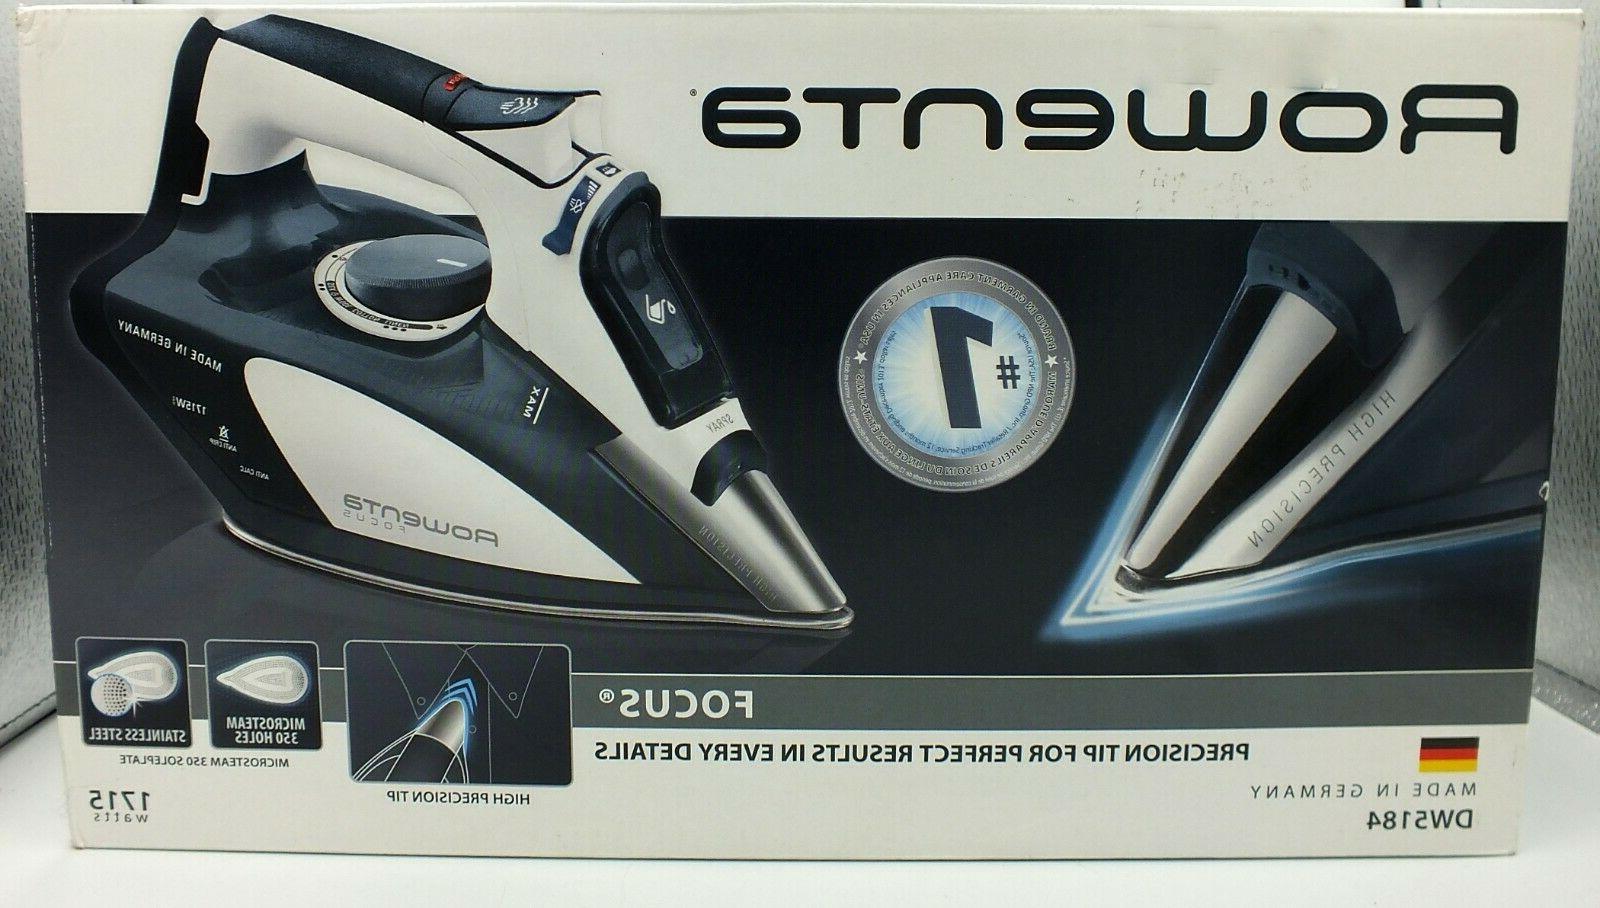 dw5184 focus iron